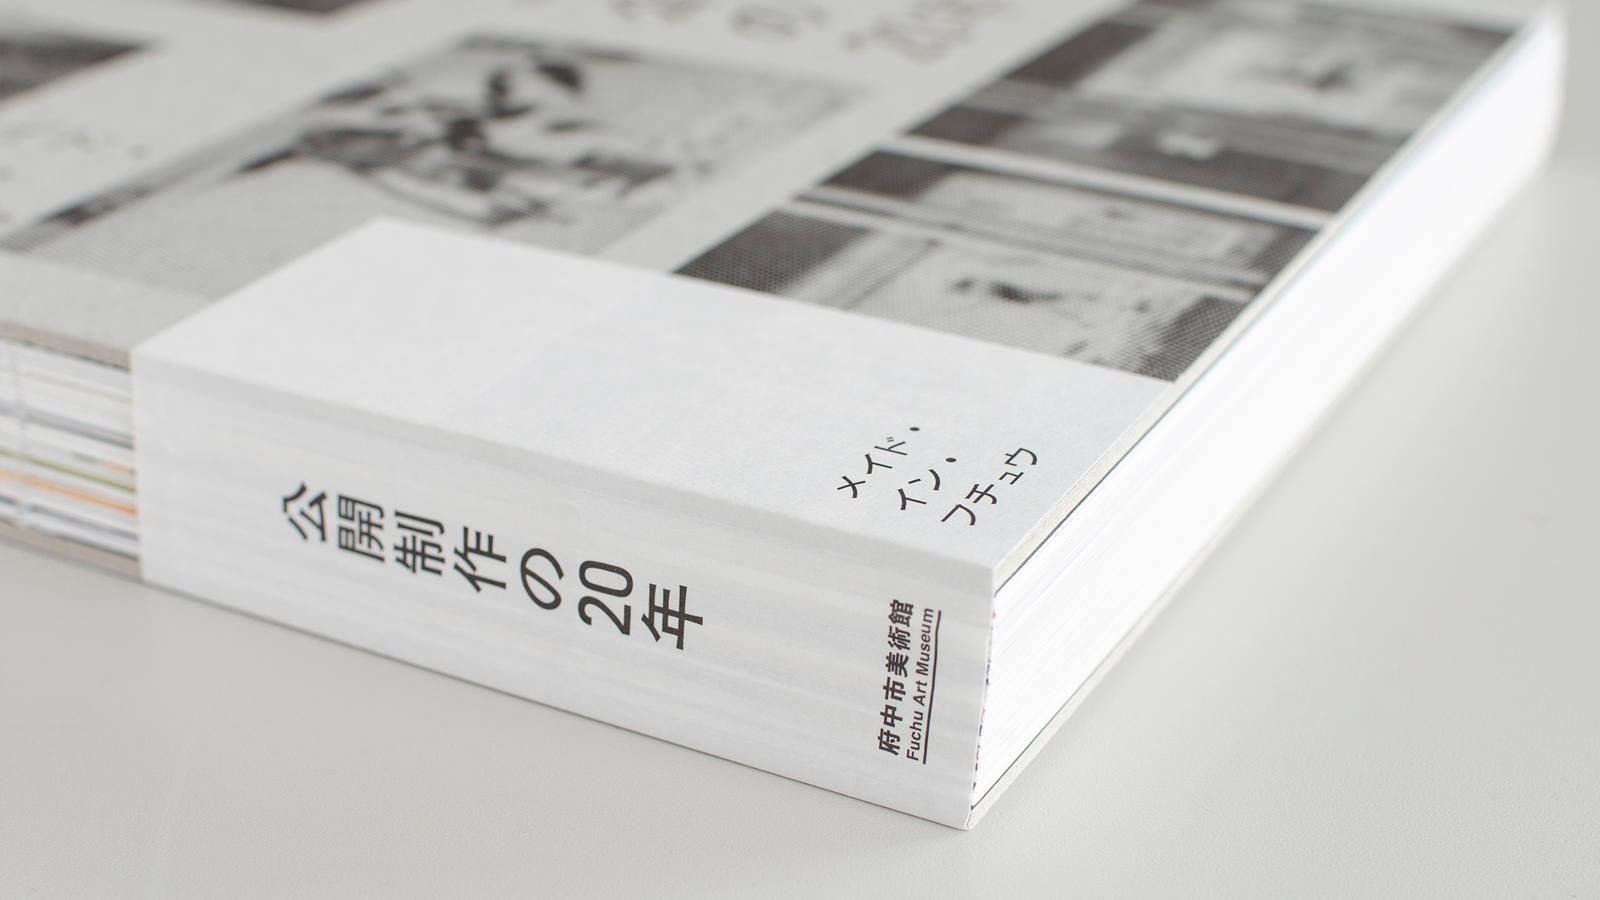 メイド・イン・フチュウ 公開制作の20年|府中市美術館